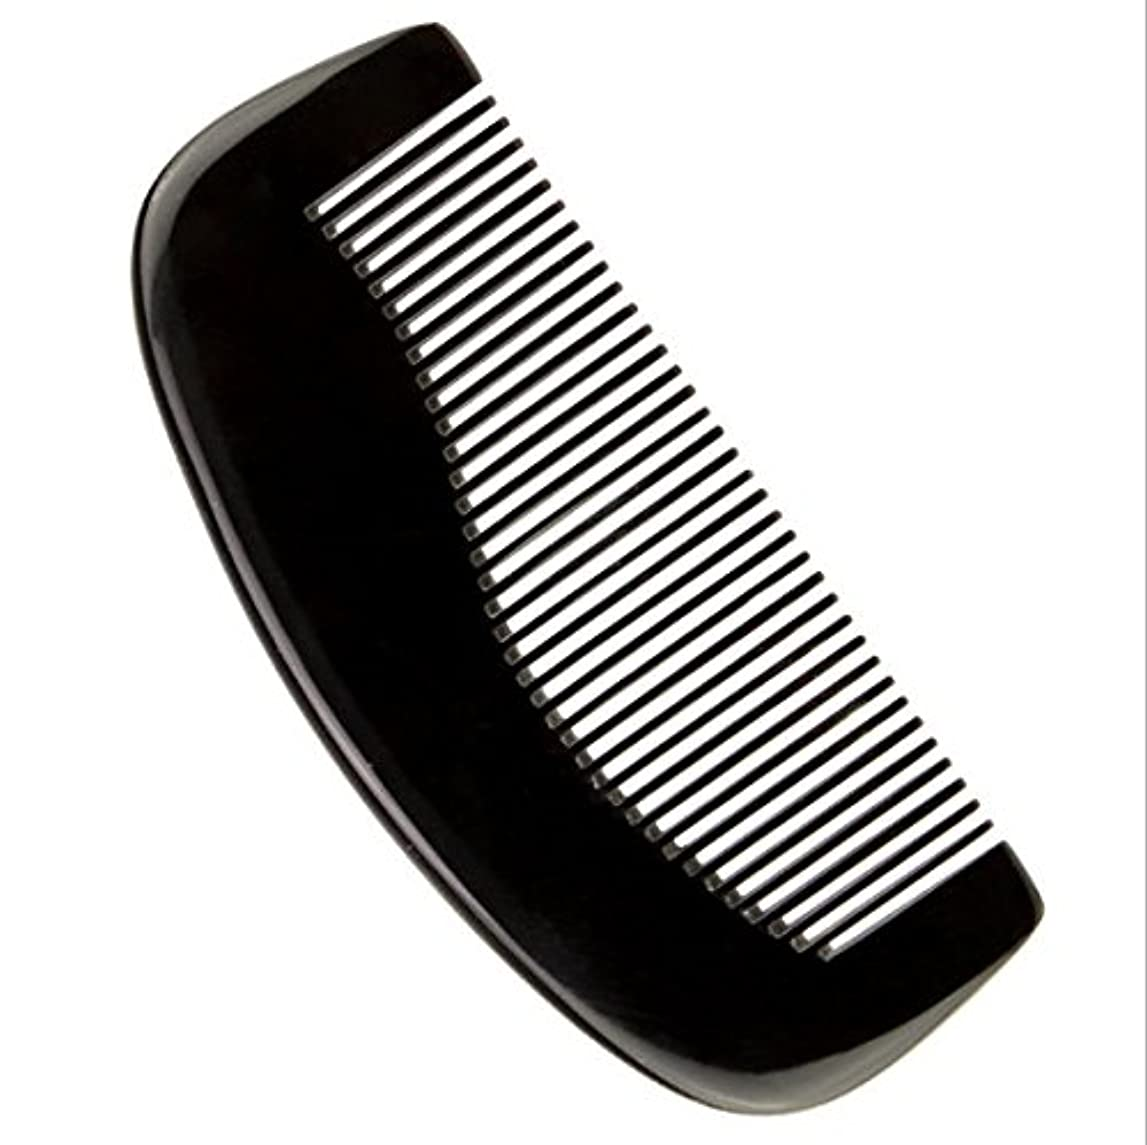 年次バルセロナ理容室櫛型 プロも使う牛角かっさプレート 牛櫛 高級 天然 静電気 防止 美髪 粗歯 櫛型 美顔 ボディ リンパマッサージ